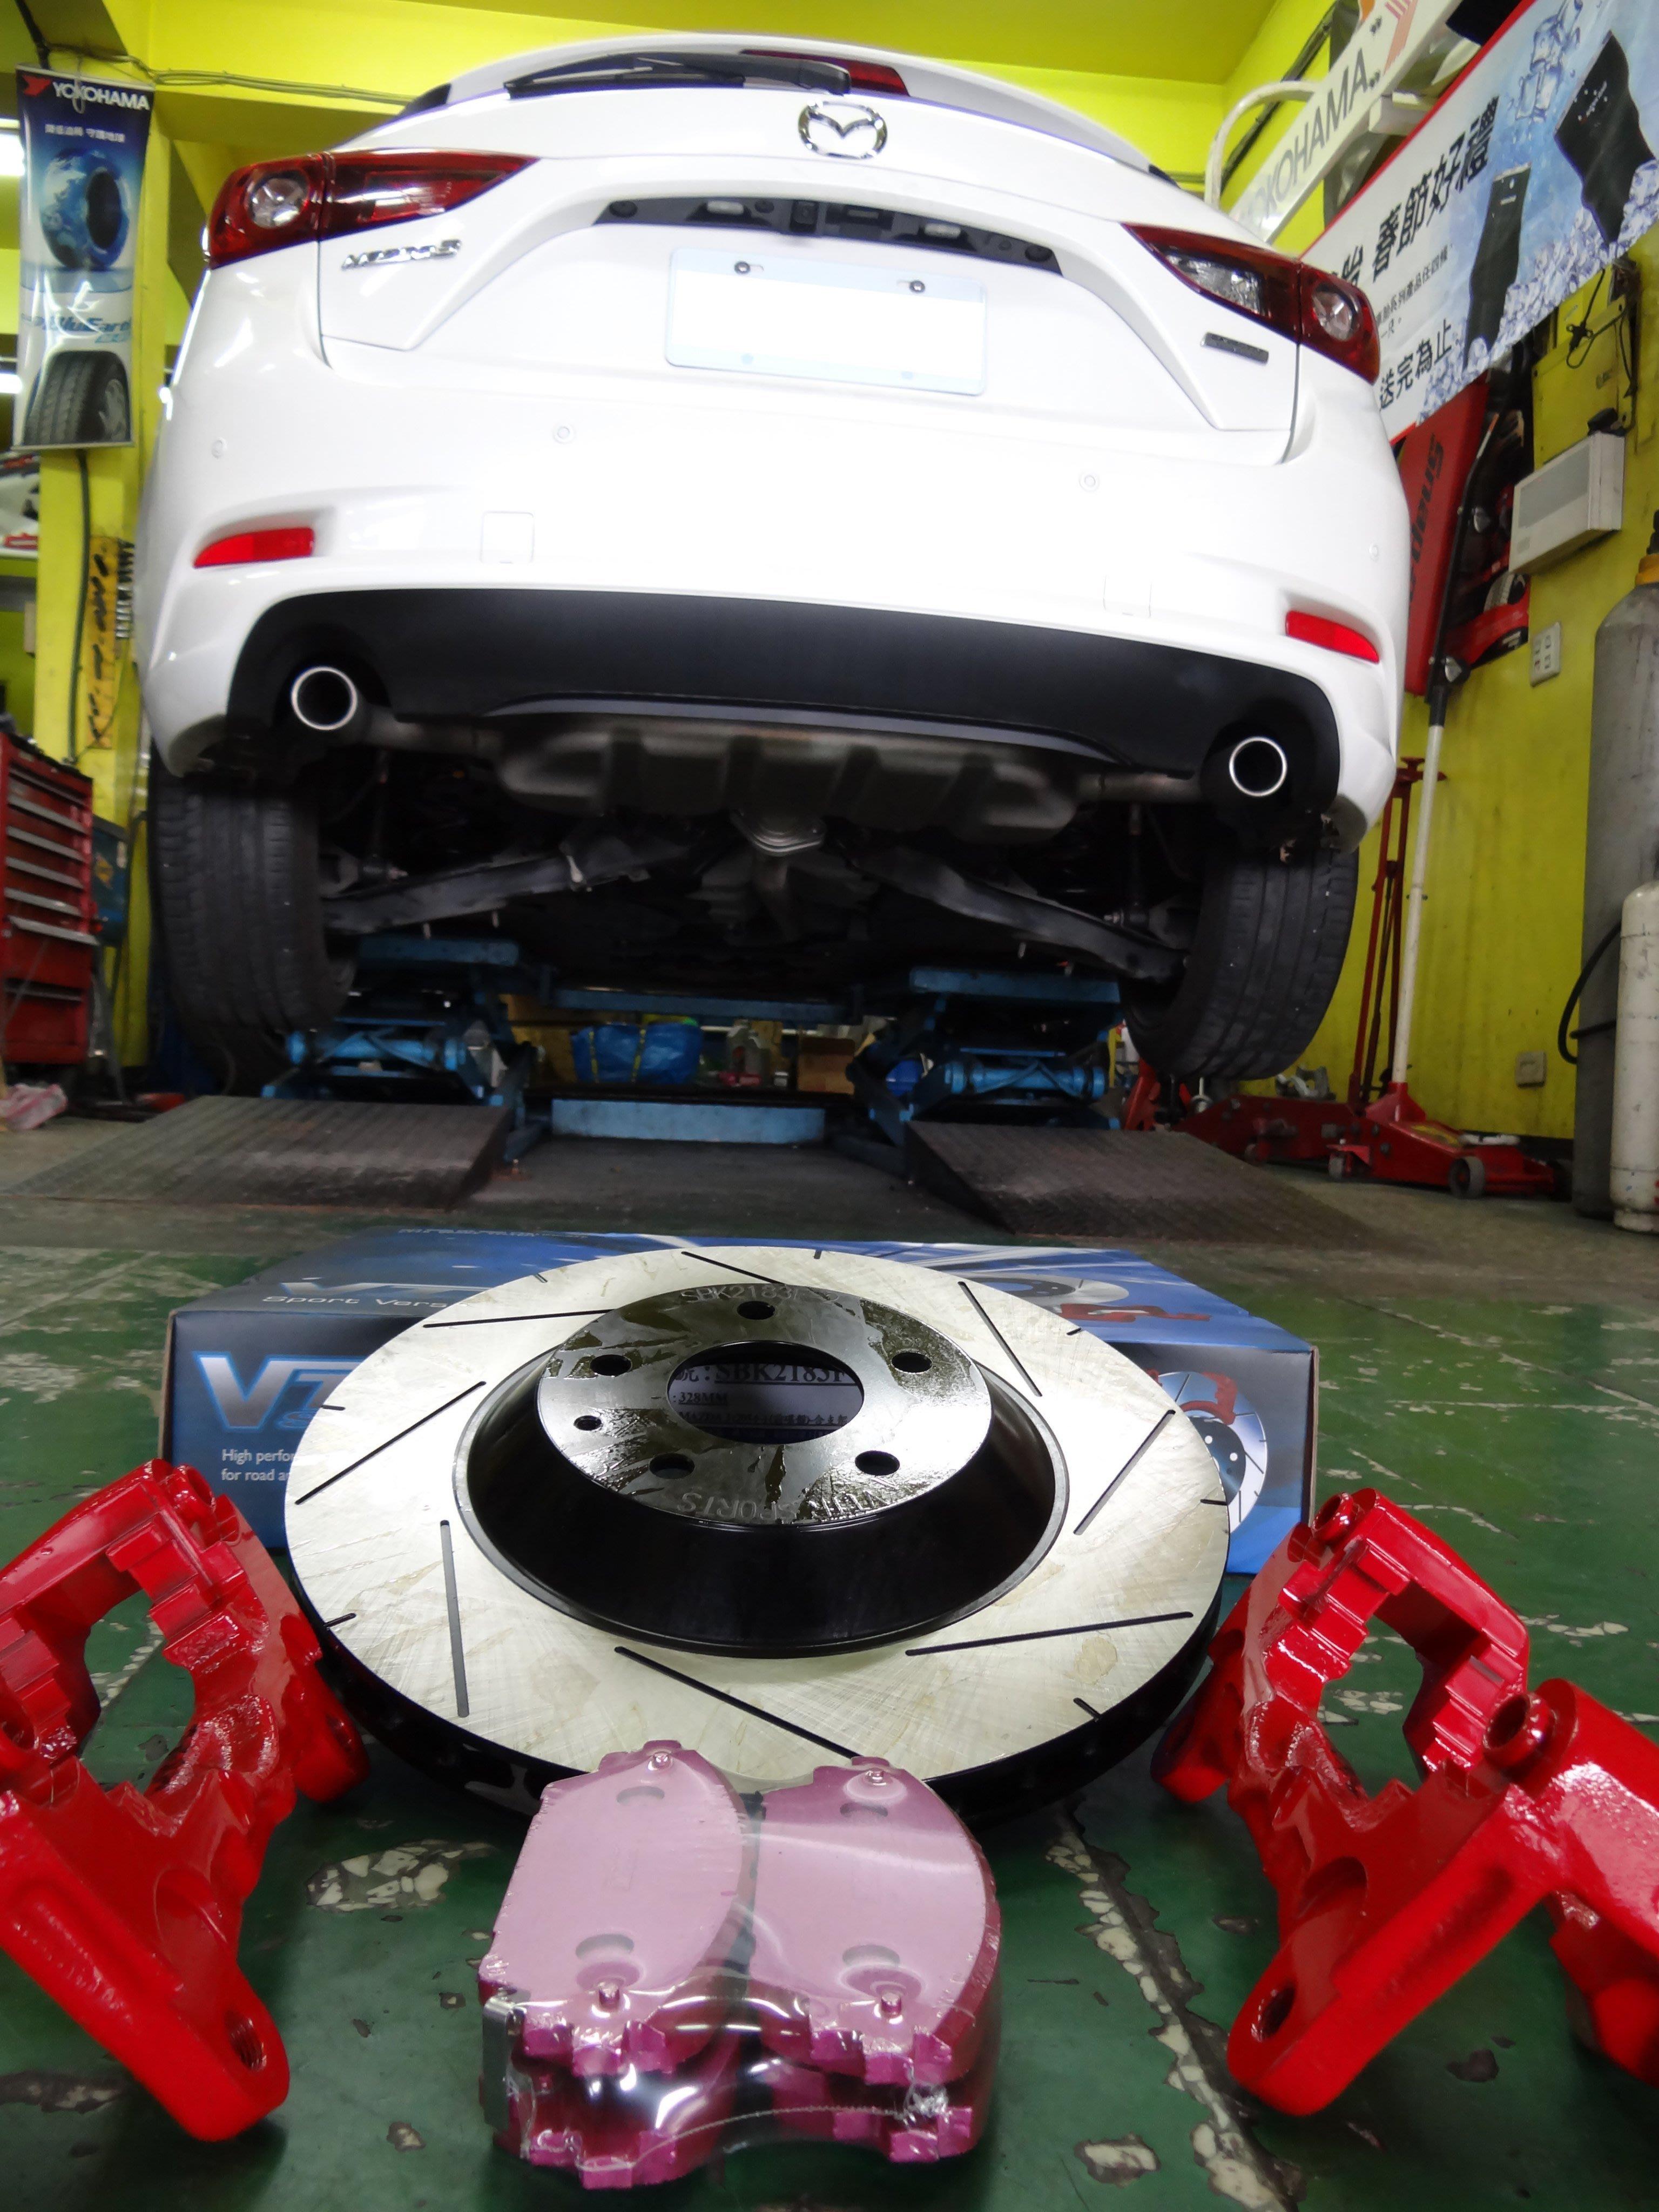 {順加輪胎}新馬3 VTTR 330mm 前加大劃線碟 附C型座 運動來令片 另有後加大碟 FORTIS CAMRY